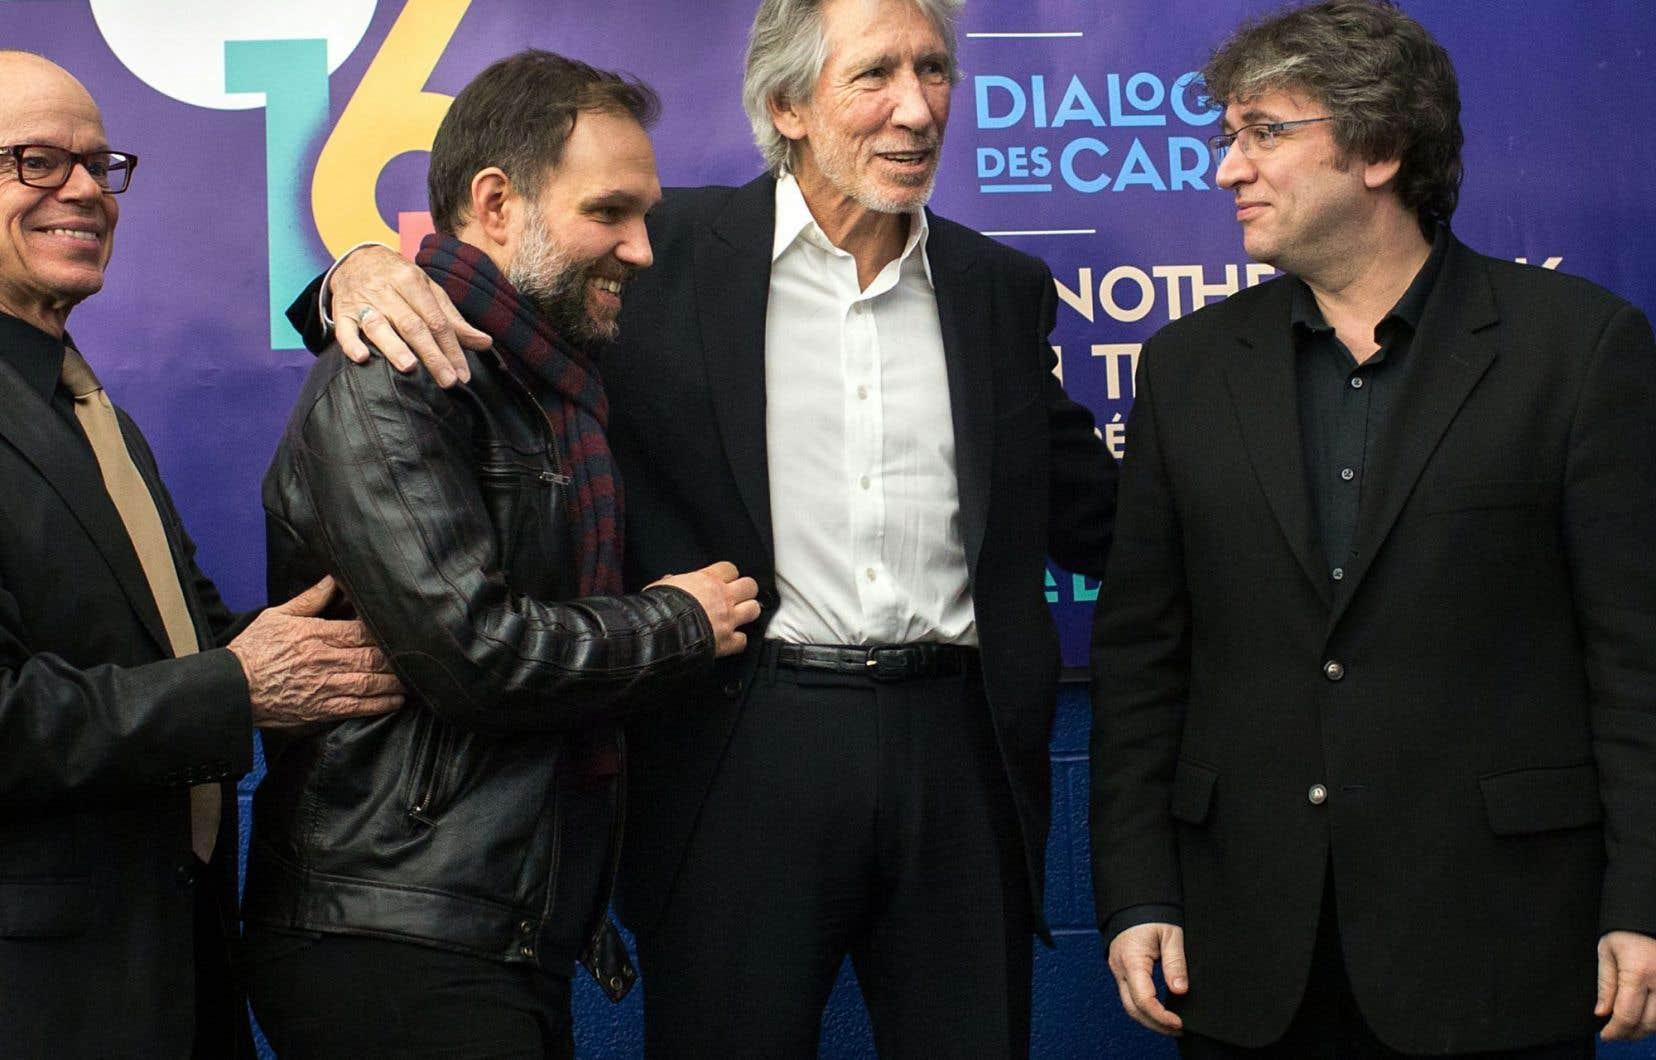 Michel Beaulac, directeur artistique de l'Opéra de Montréal, Julien Bilodeau, compositeur, Roger Waters et Alain Trudel, chef d'orchestre, ont participé au dévoilement de la programmation de la saison 2016-2017 de l'Opéra de Montréal.